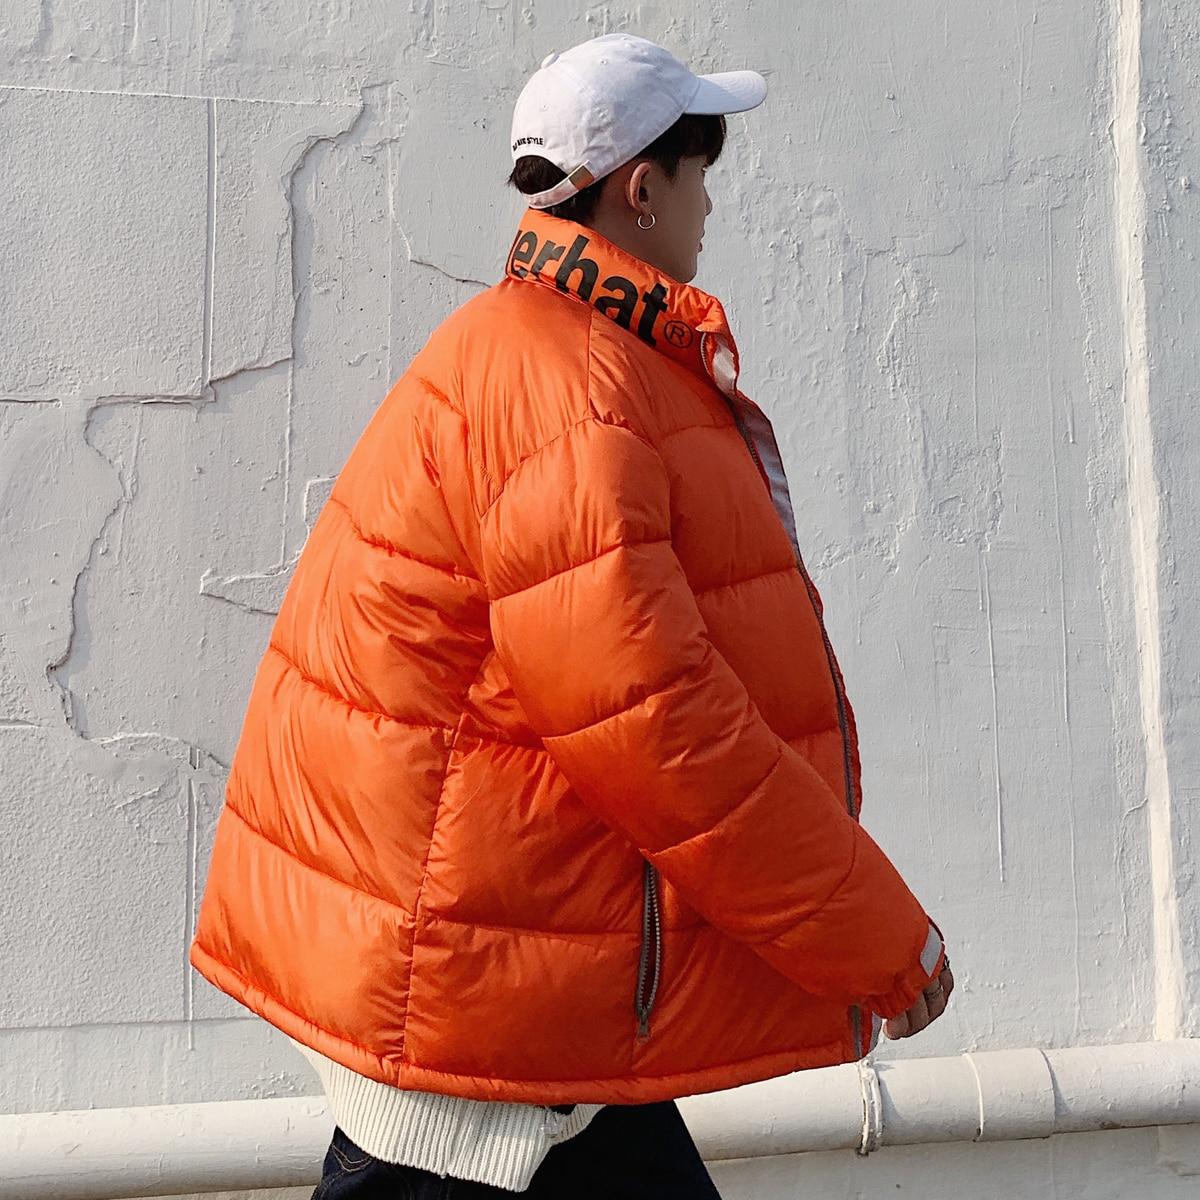 nacarat 2018 Montant Solide Impression Veste Lâche xl Hommes Lettre Col M rembourré Casual Couleur Manteau Coton green Outwear Black Vêtements Hiver Épaississent 7fO7nx1